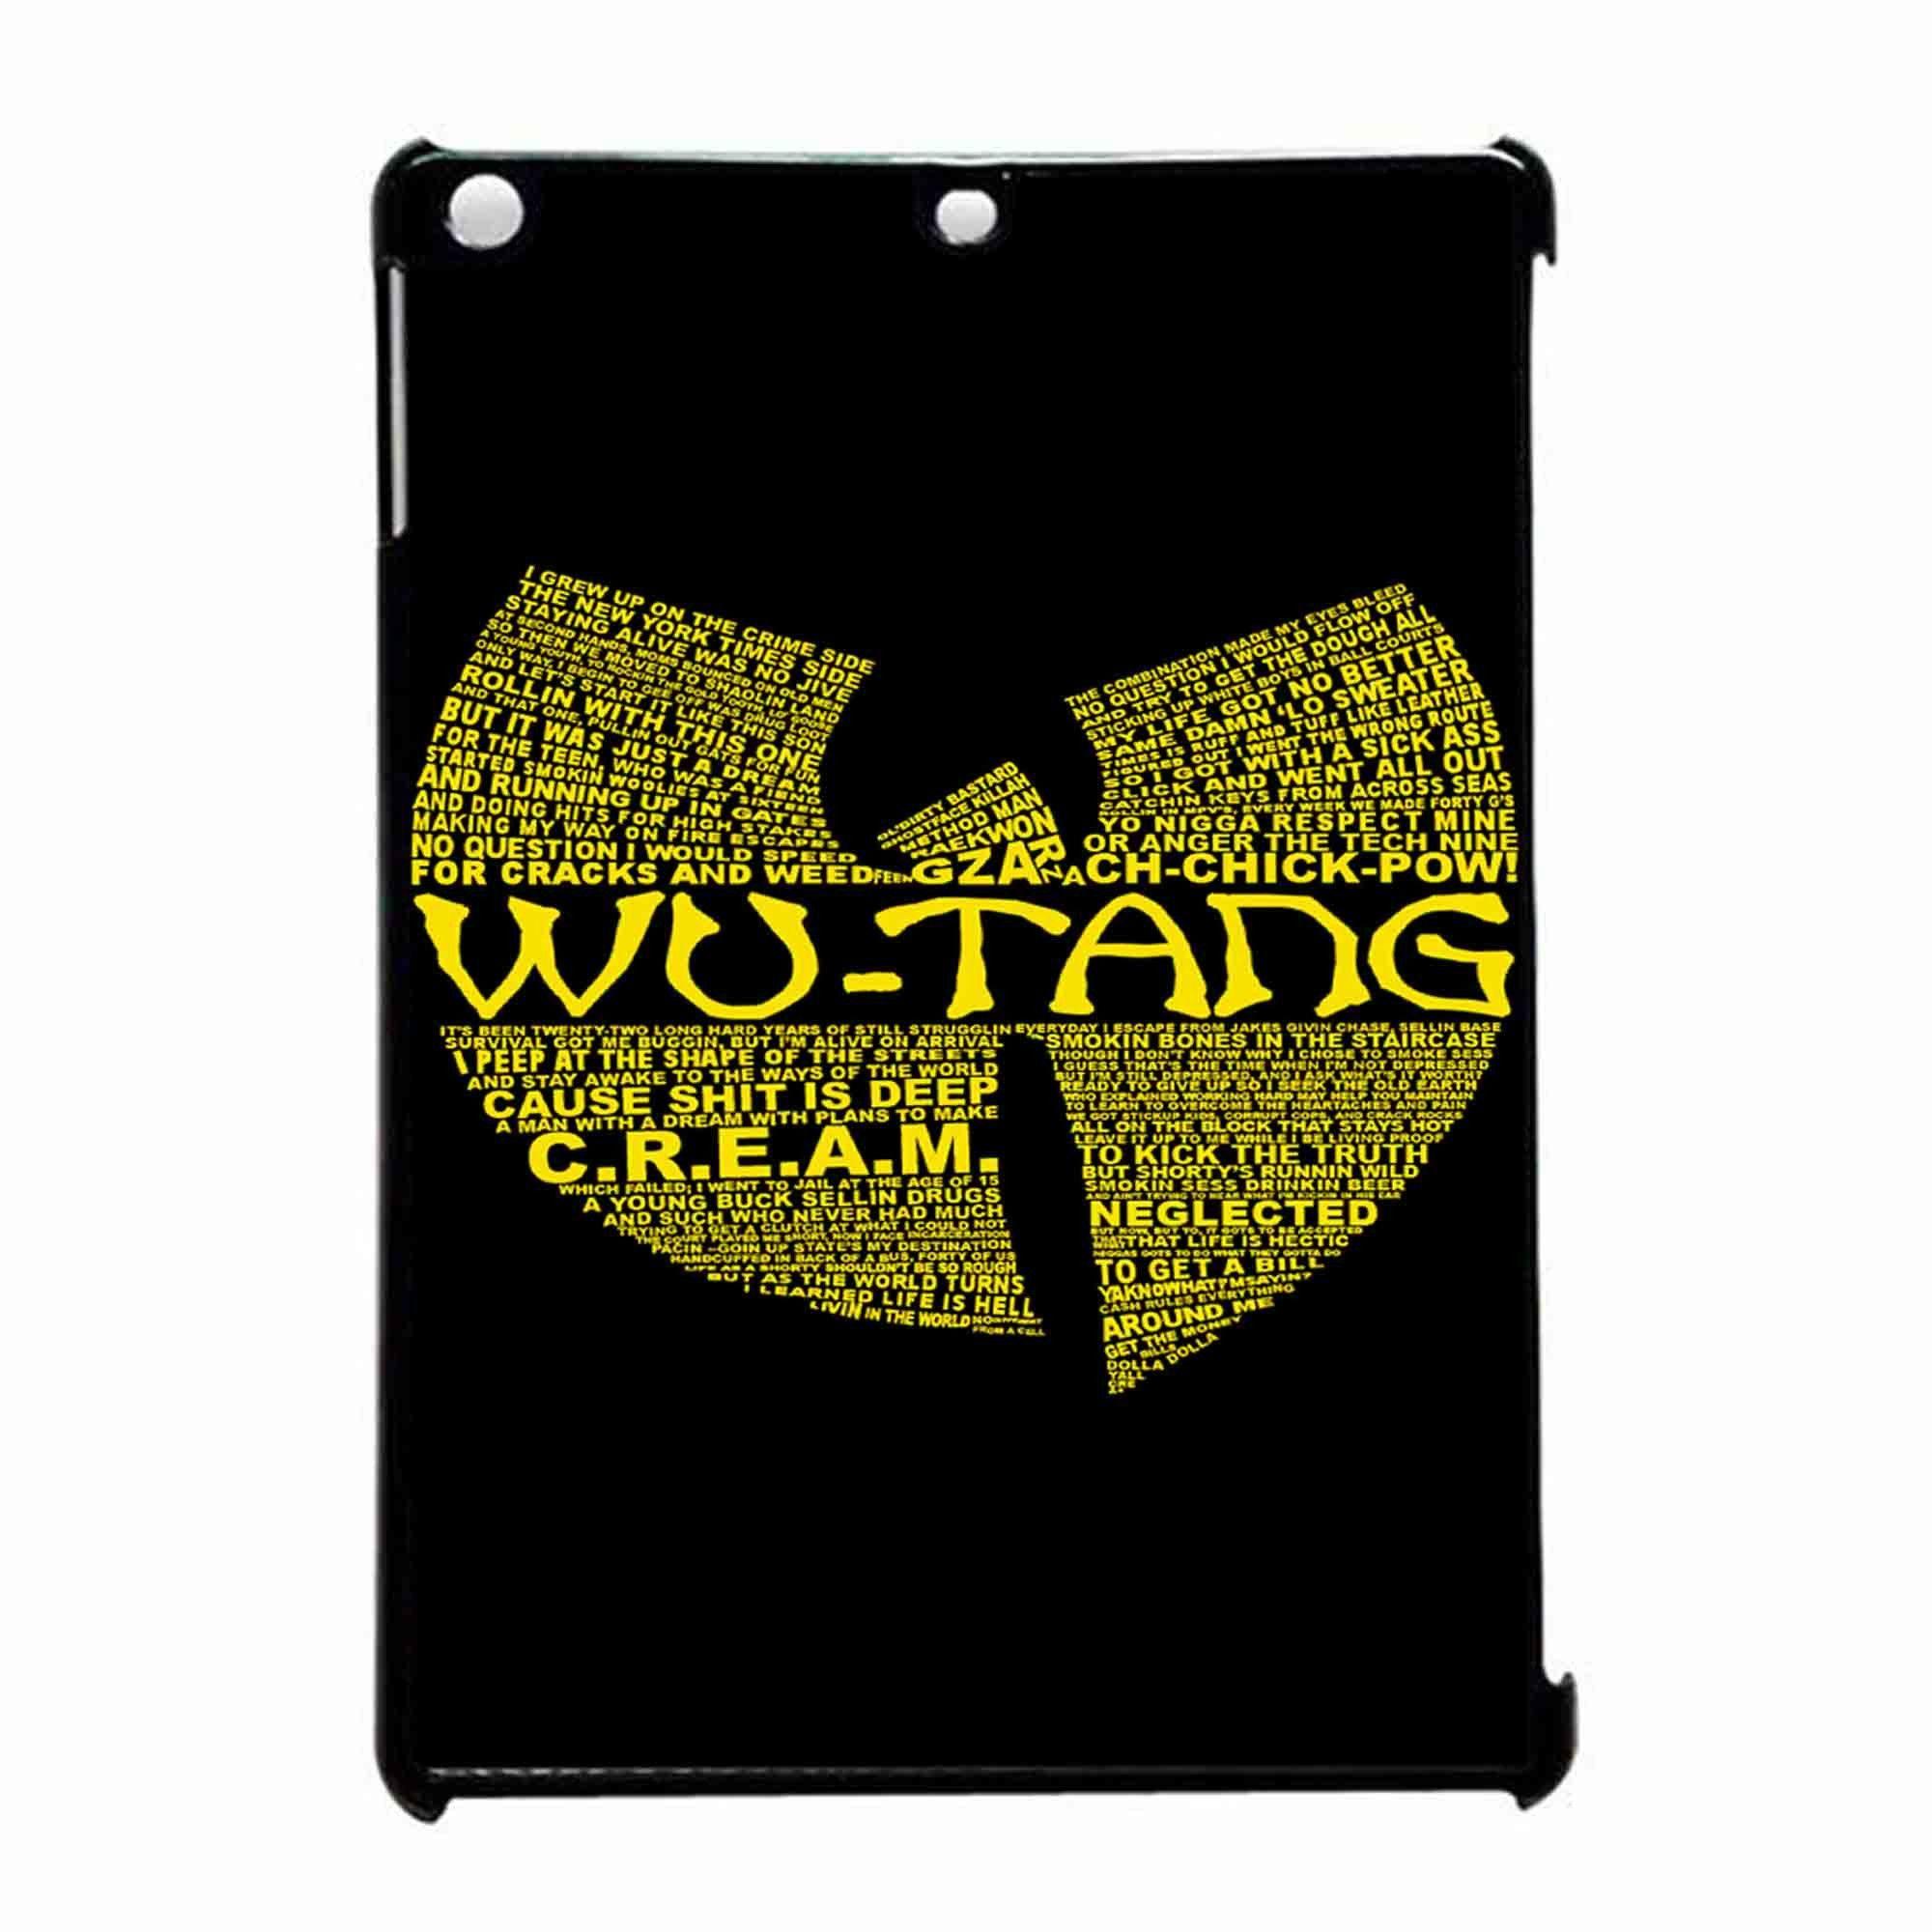 Wu tang clan logo 2 ipad air case tatuagens pinterest wu wu tang clan logo 2 ipad air case pooptronica